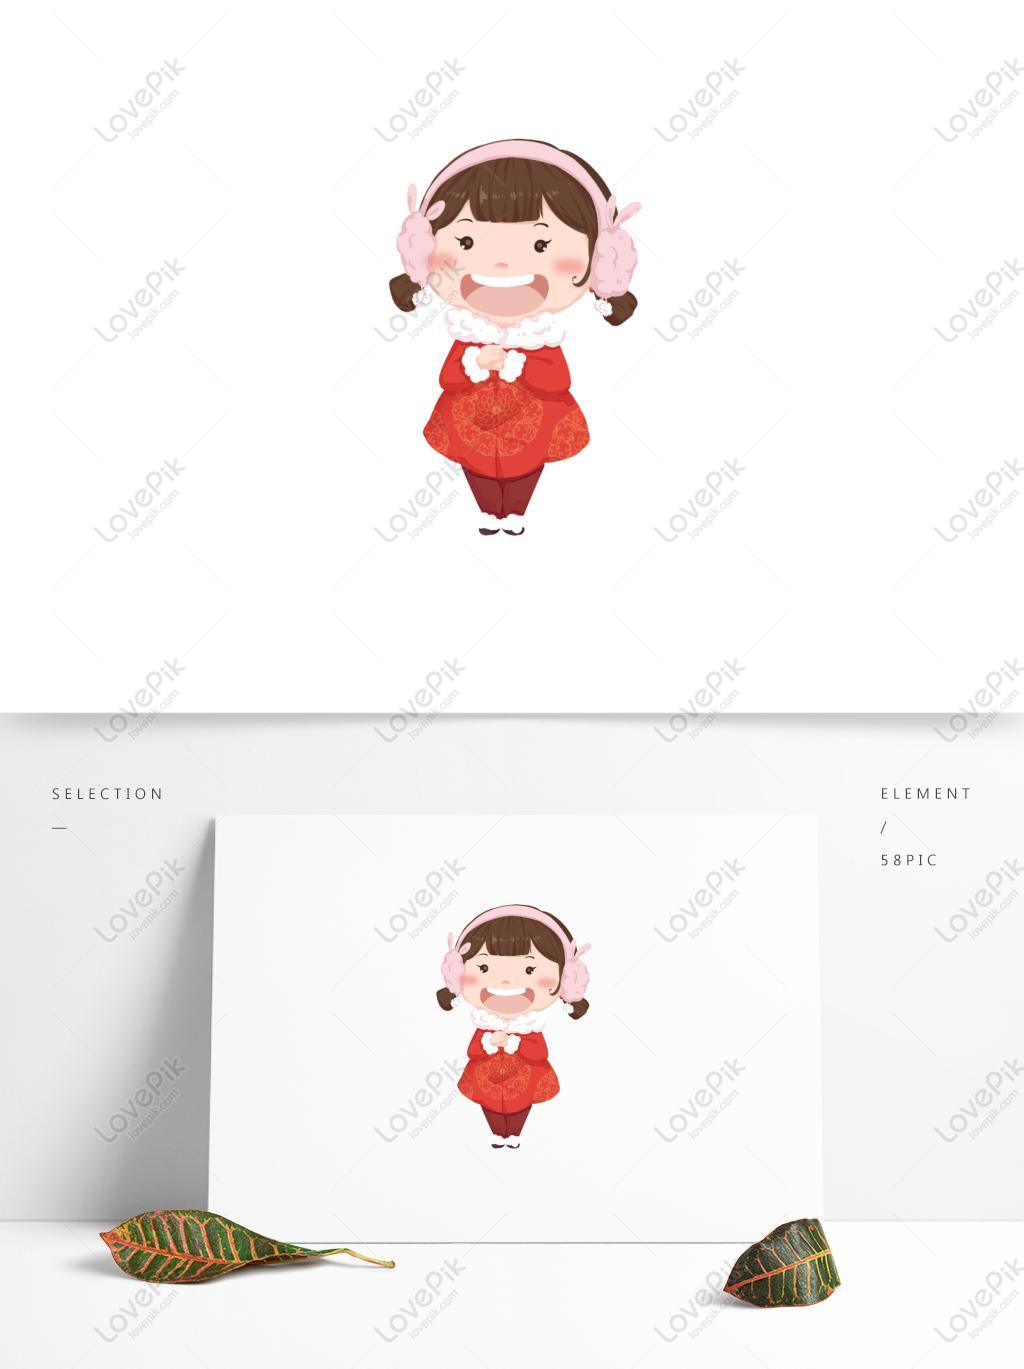 Kartun Lucu Lucu Ketawa Gadis Gambar Unduh Gratis Imej